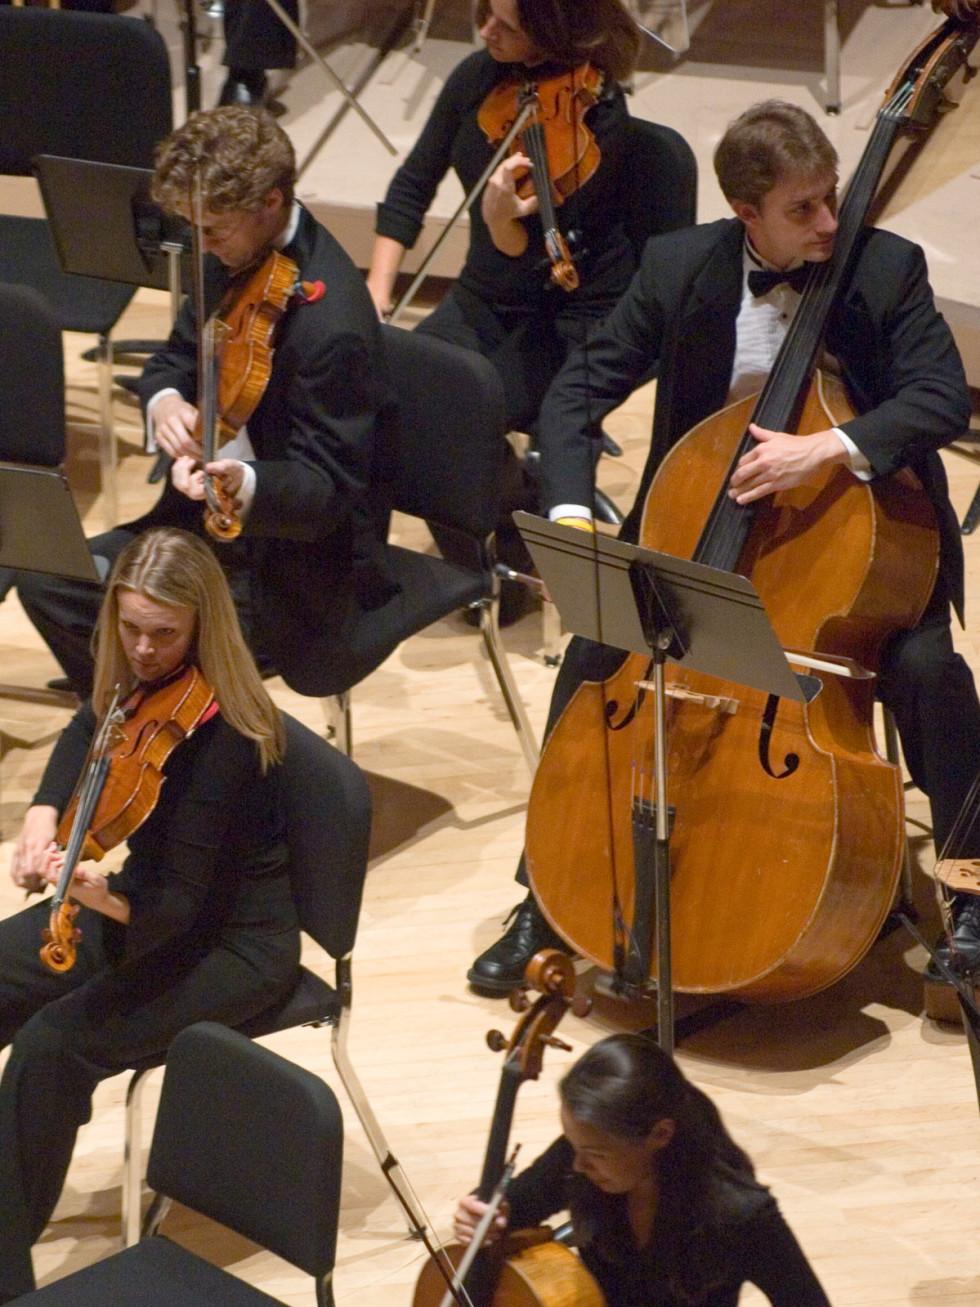 Places-Unique-Rice University student orchestra